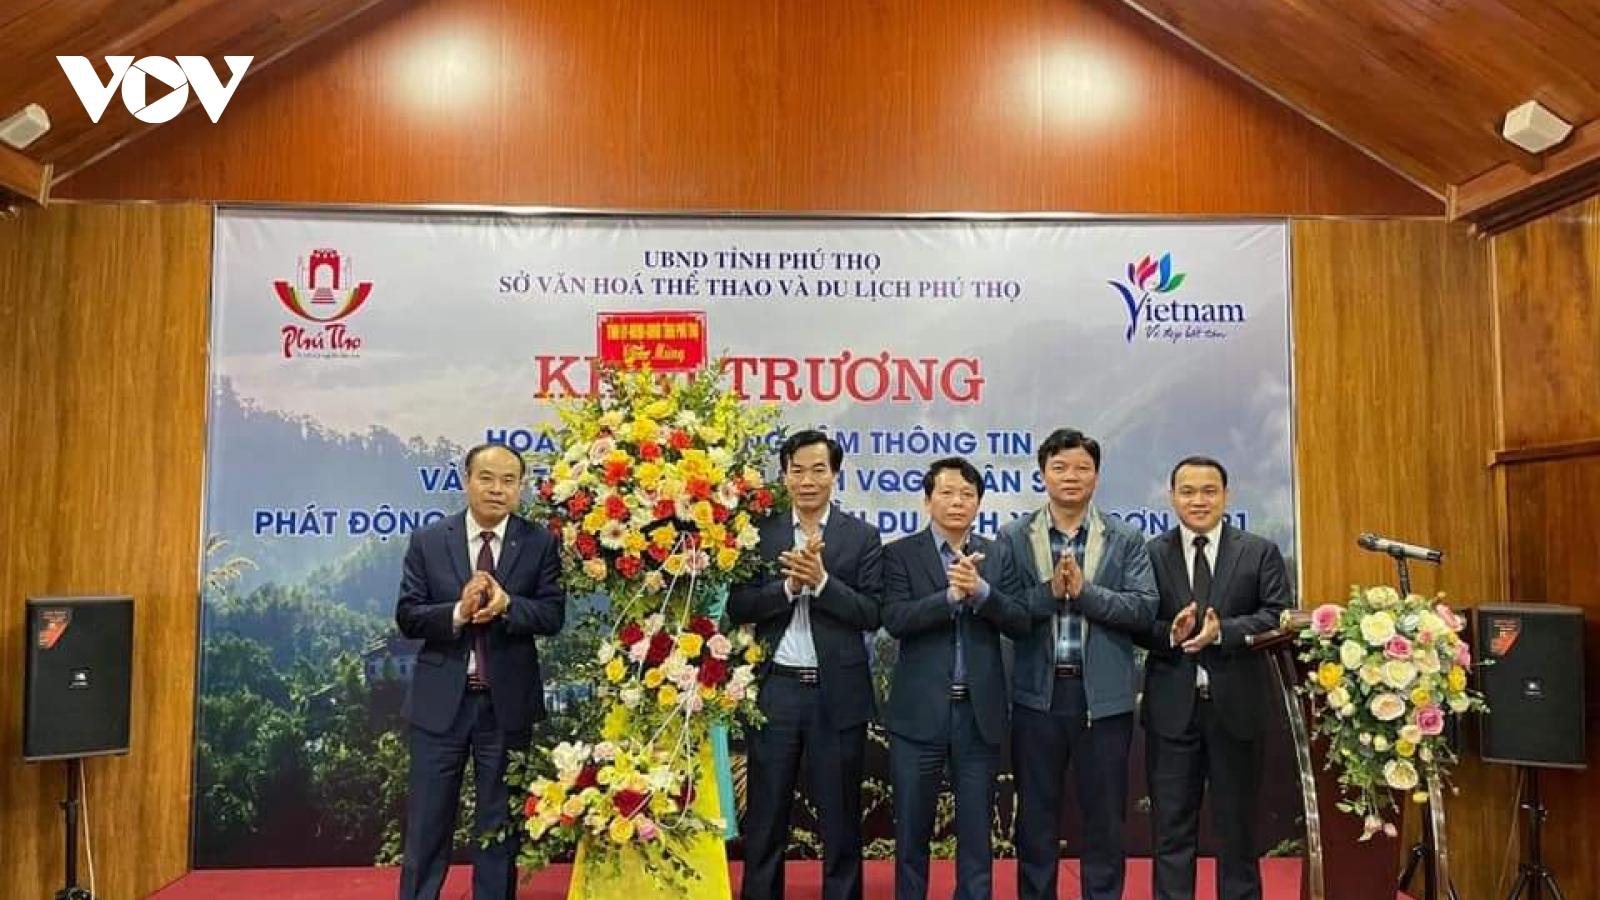 Khai trương Trung tâm Thông tin và Hỗ trợ du khách tại VQG Xuân Sơn (Phú Thọ)